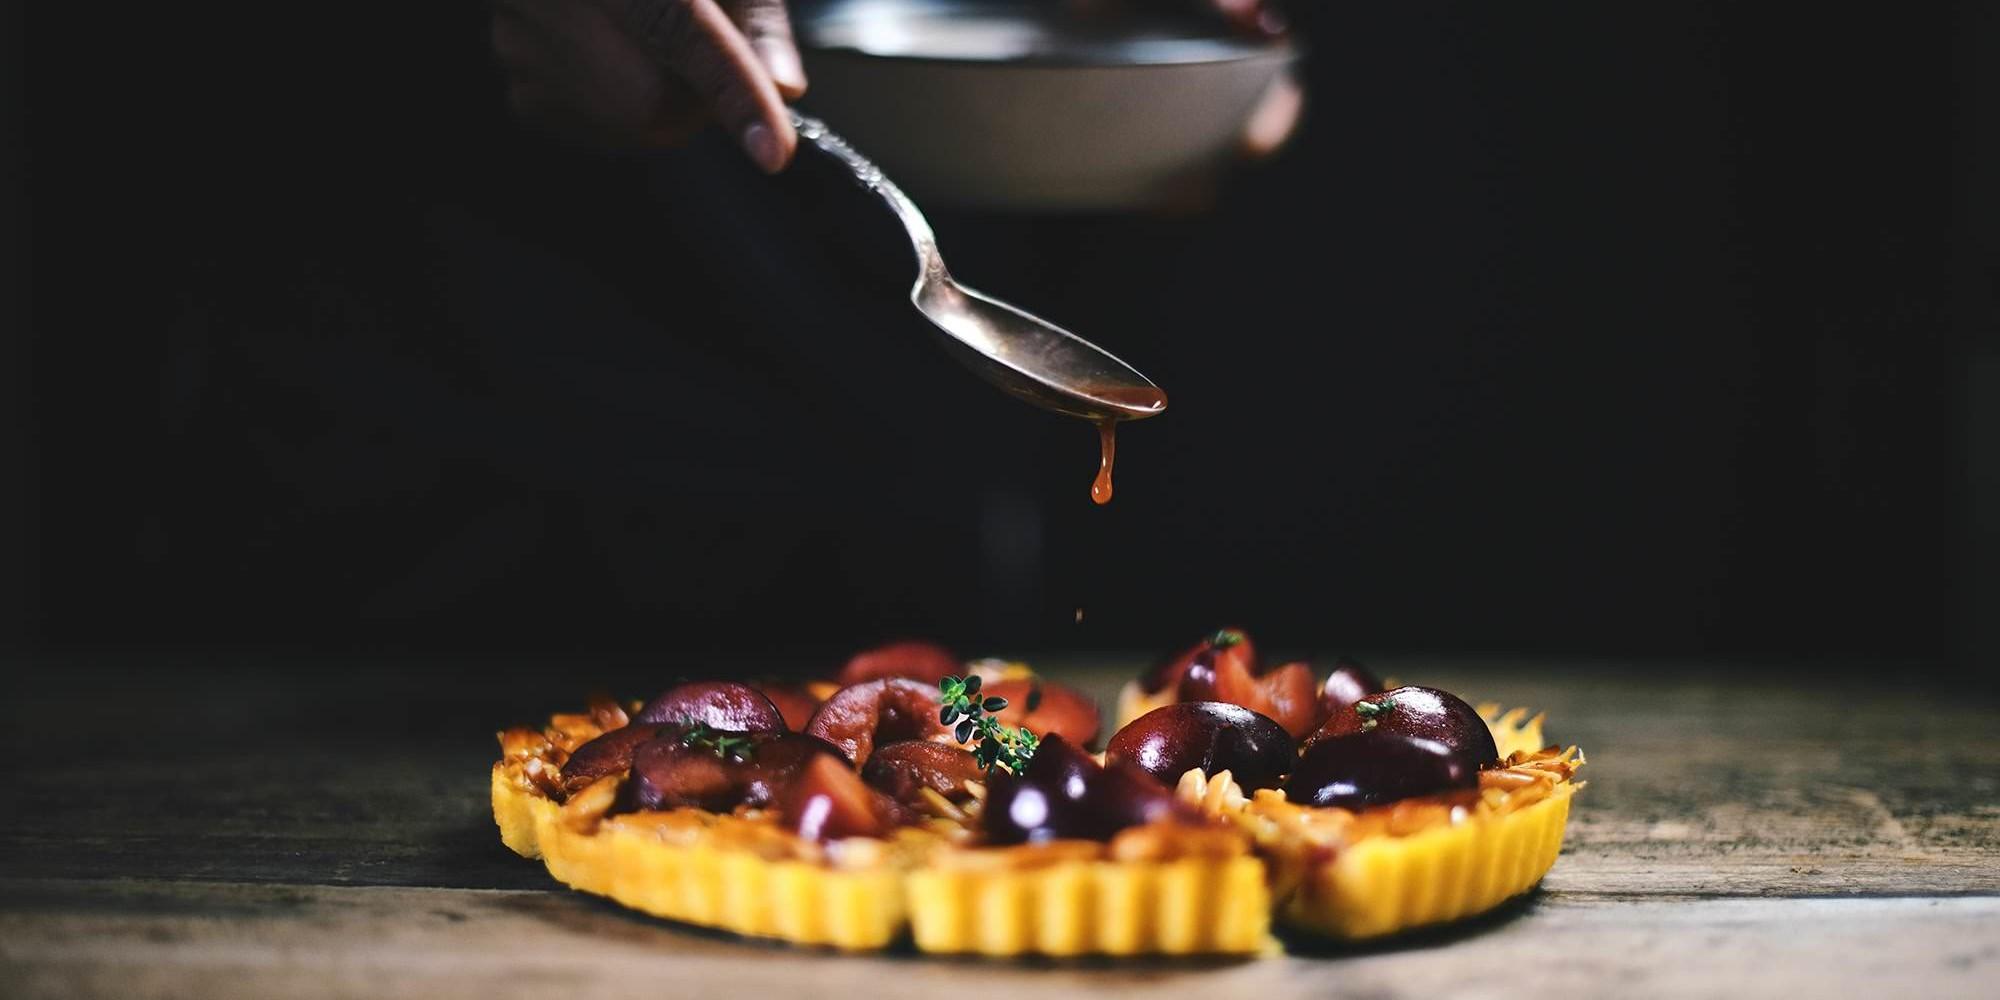 Блог им. Tan: Ассоциация пекарей